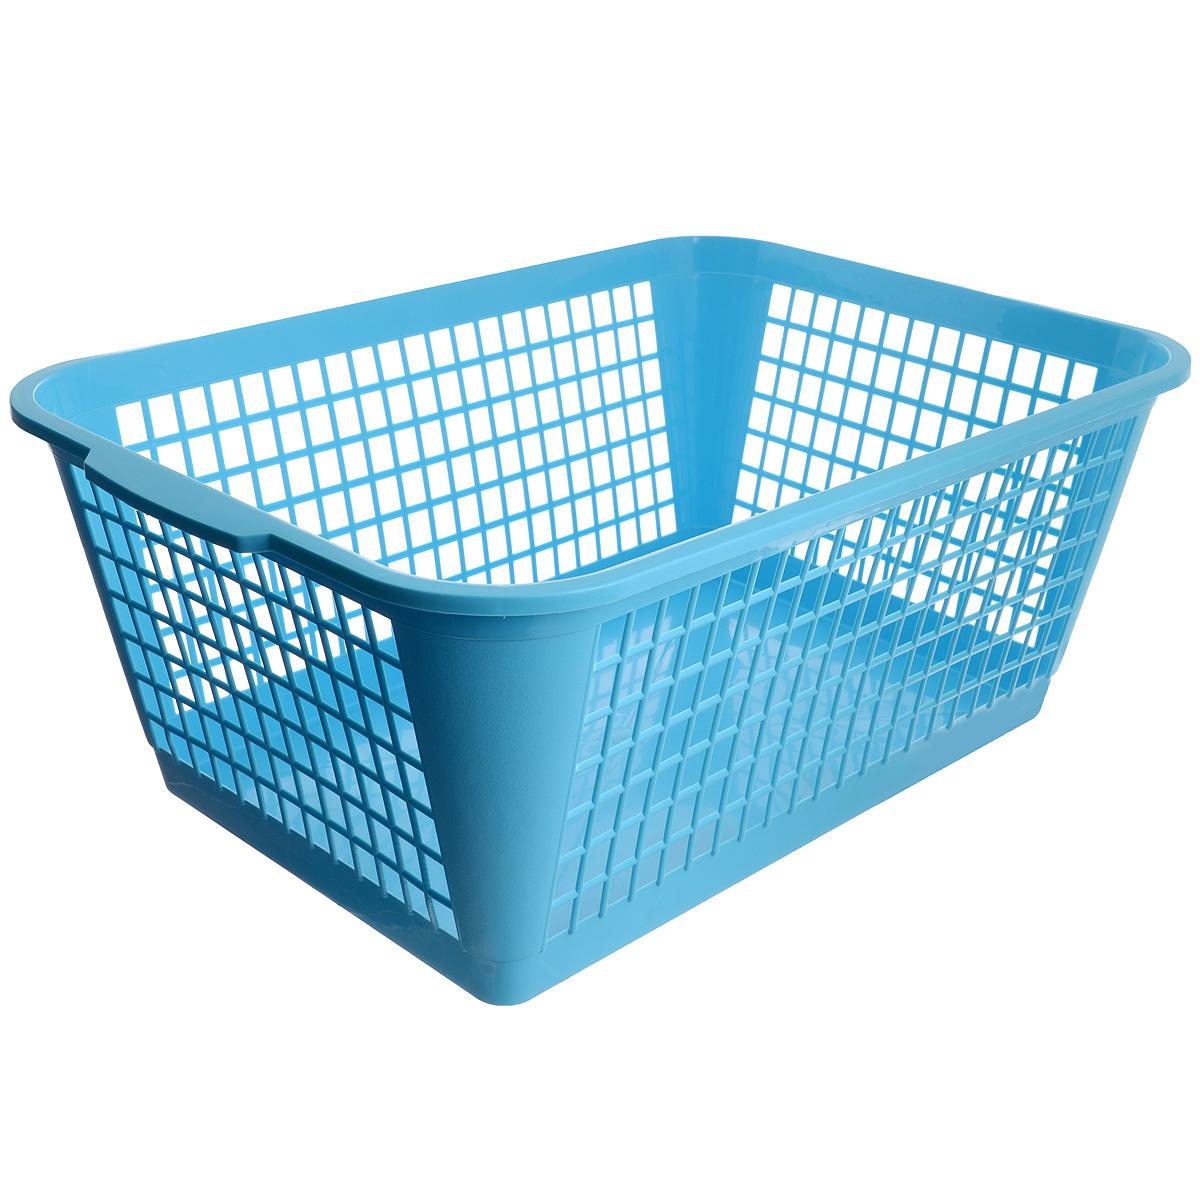 Корзина Gensini, цвет: голубой, 50 лRG-D31SУниверсальная корзина Gensini, выполненная из полипропилена, предназначена для хранения мелочей в ванной, на кухне, даче или гараже. Позволяет хранить мелкие вещи, исключая возможность их потери. Легкая воздушная корзина с жесткой кромкой, с узором из отверстий в форме прямоугольников.